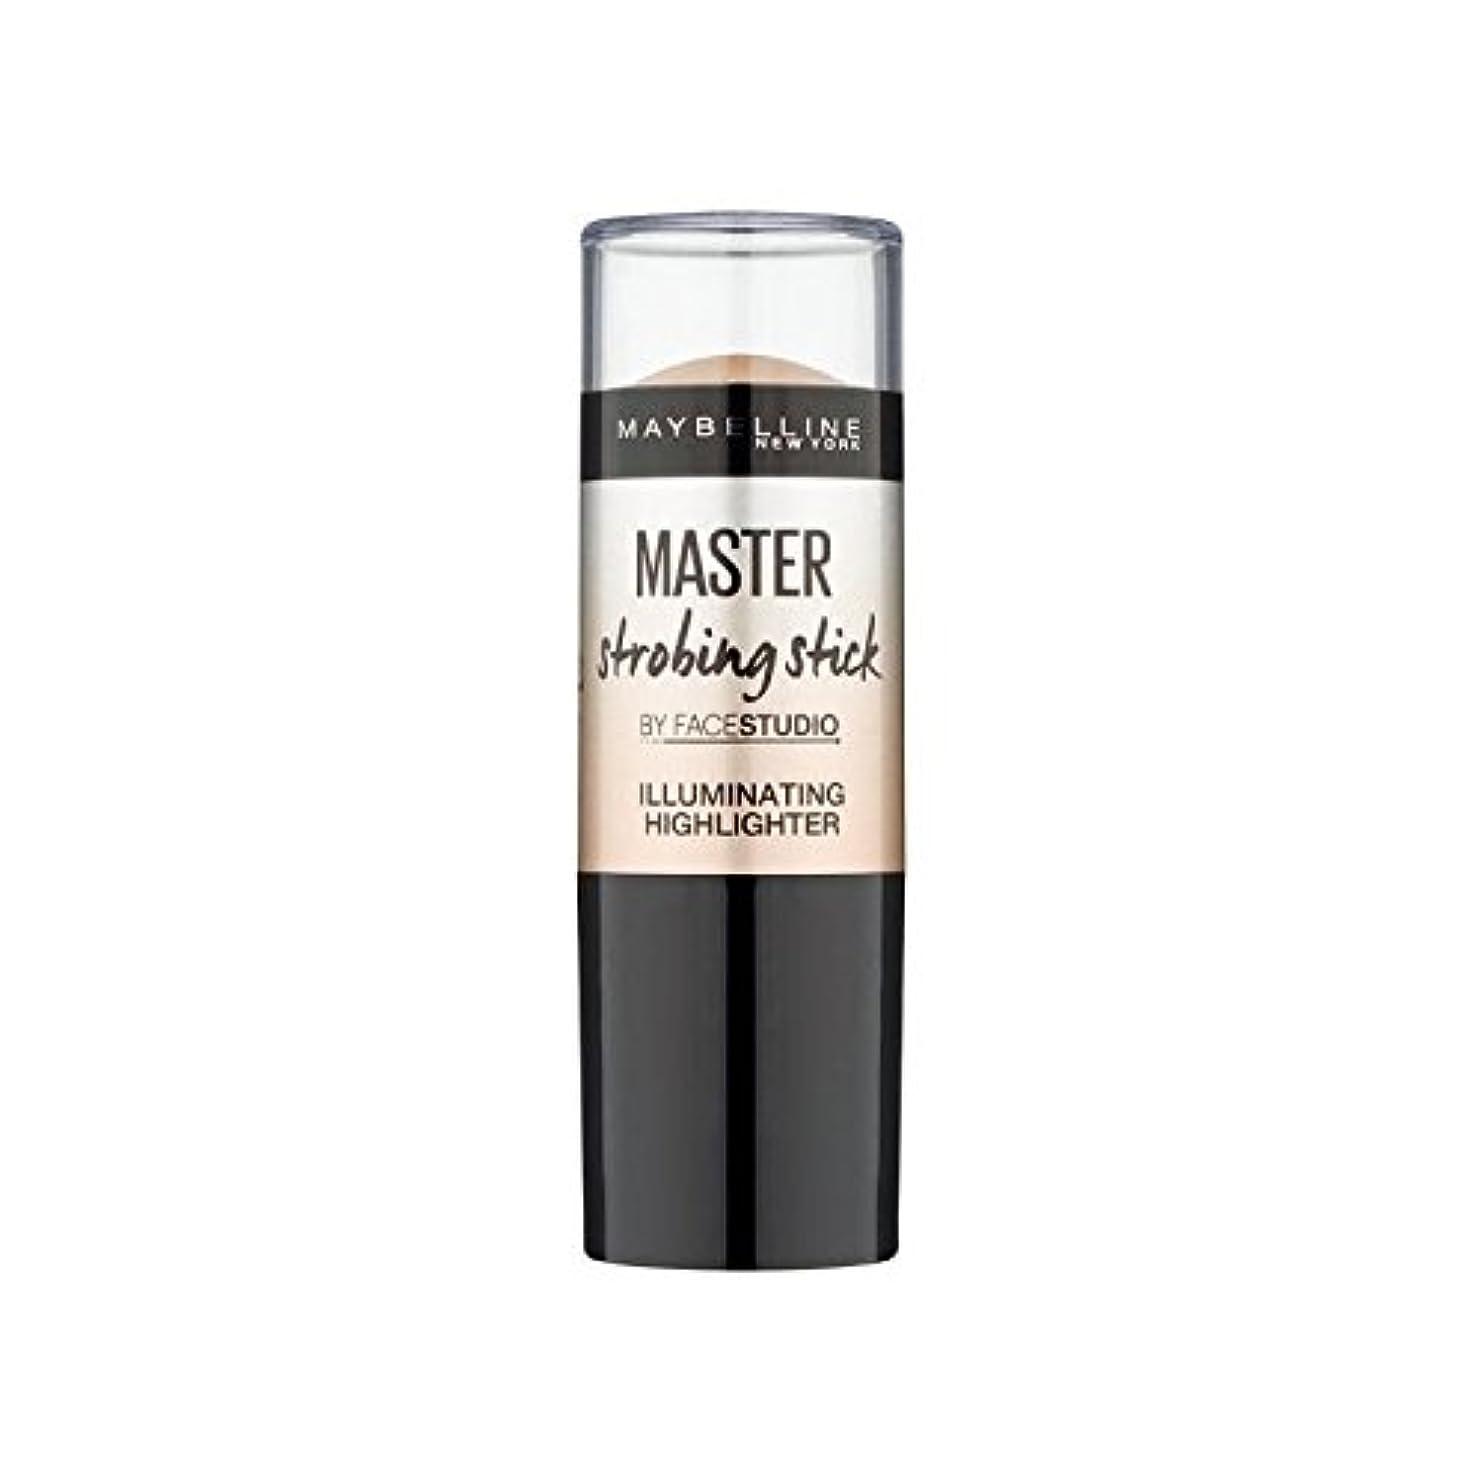 オプションフライト抑制するメイベリンマスターストロボスティック媒体 x2 - Maybelline Master Strobing Stick Medium (Pack of 2) [並行輸入品]